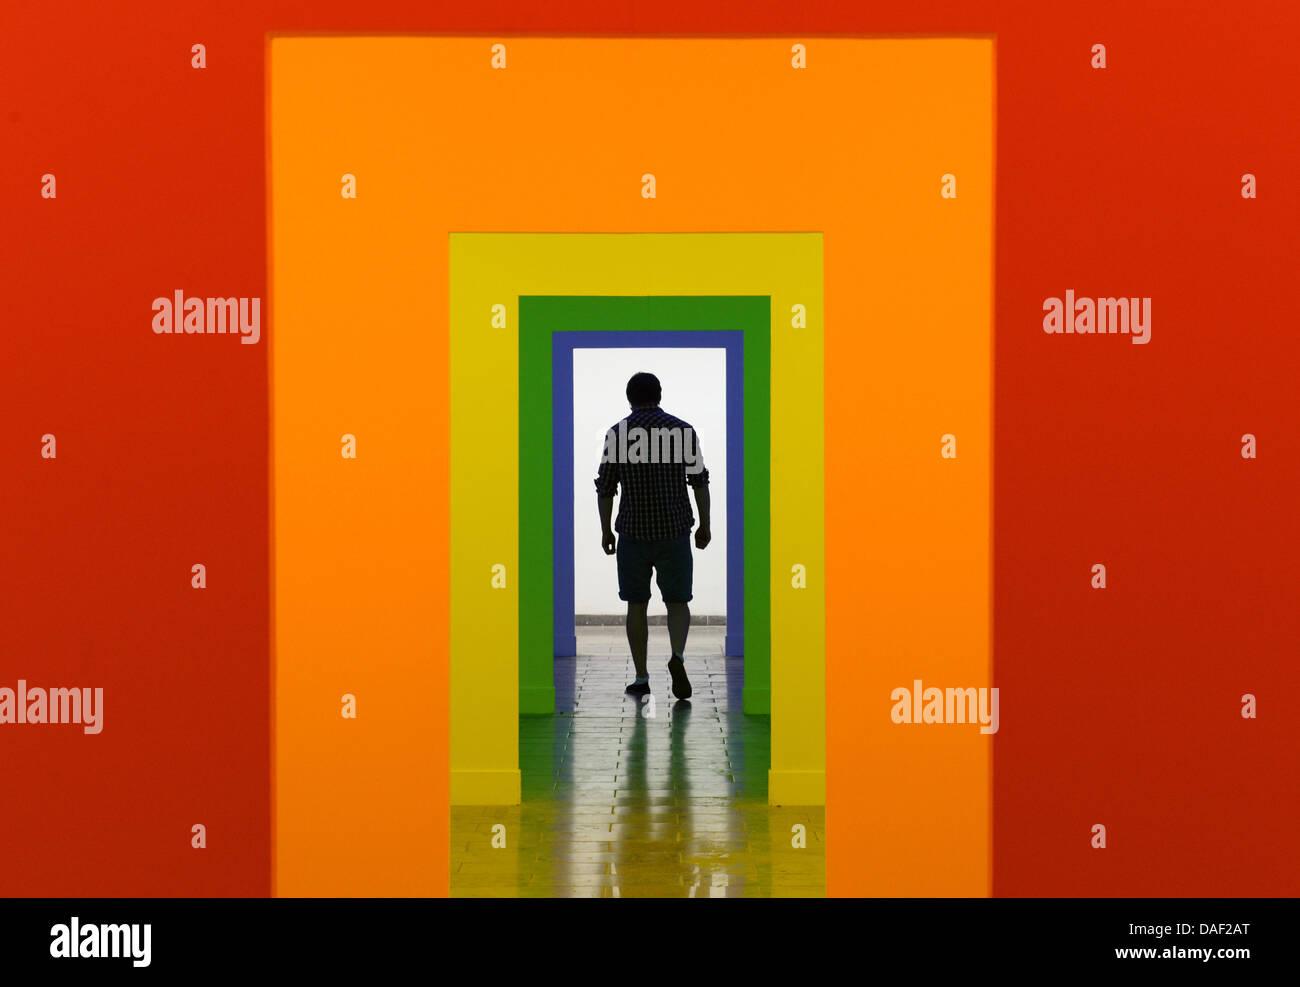 Karlsruhe, Alemania. 11 de julio de 2013. Un visitante de la Academia de Bellas Artes de Karlsruhe, camina a través Imagen De Stock